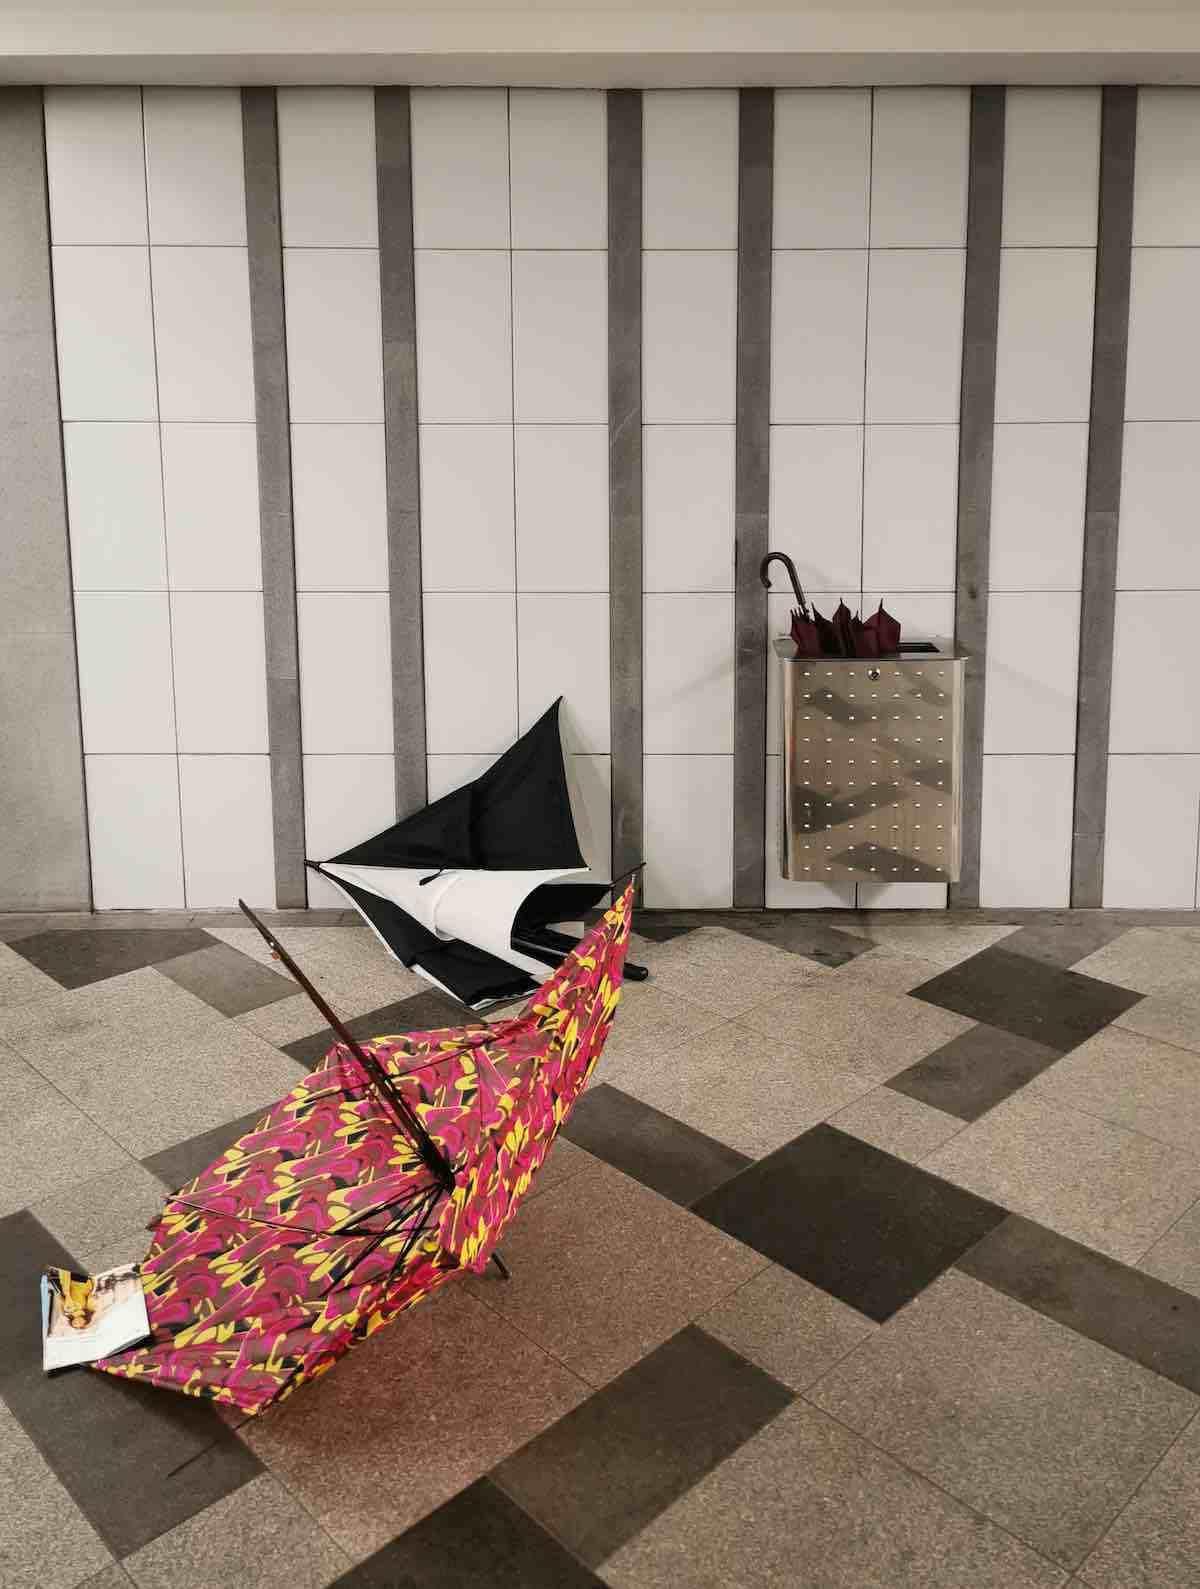 Ein harter Tag für Regenschirme (gesehen an der U-Bahn-Haltestelle Wandsbek Markt)